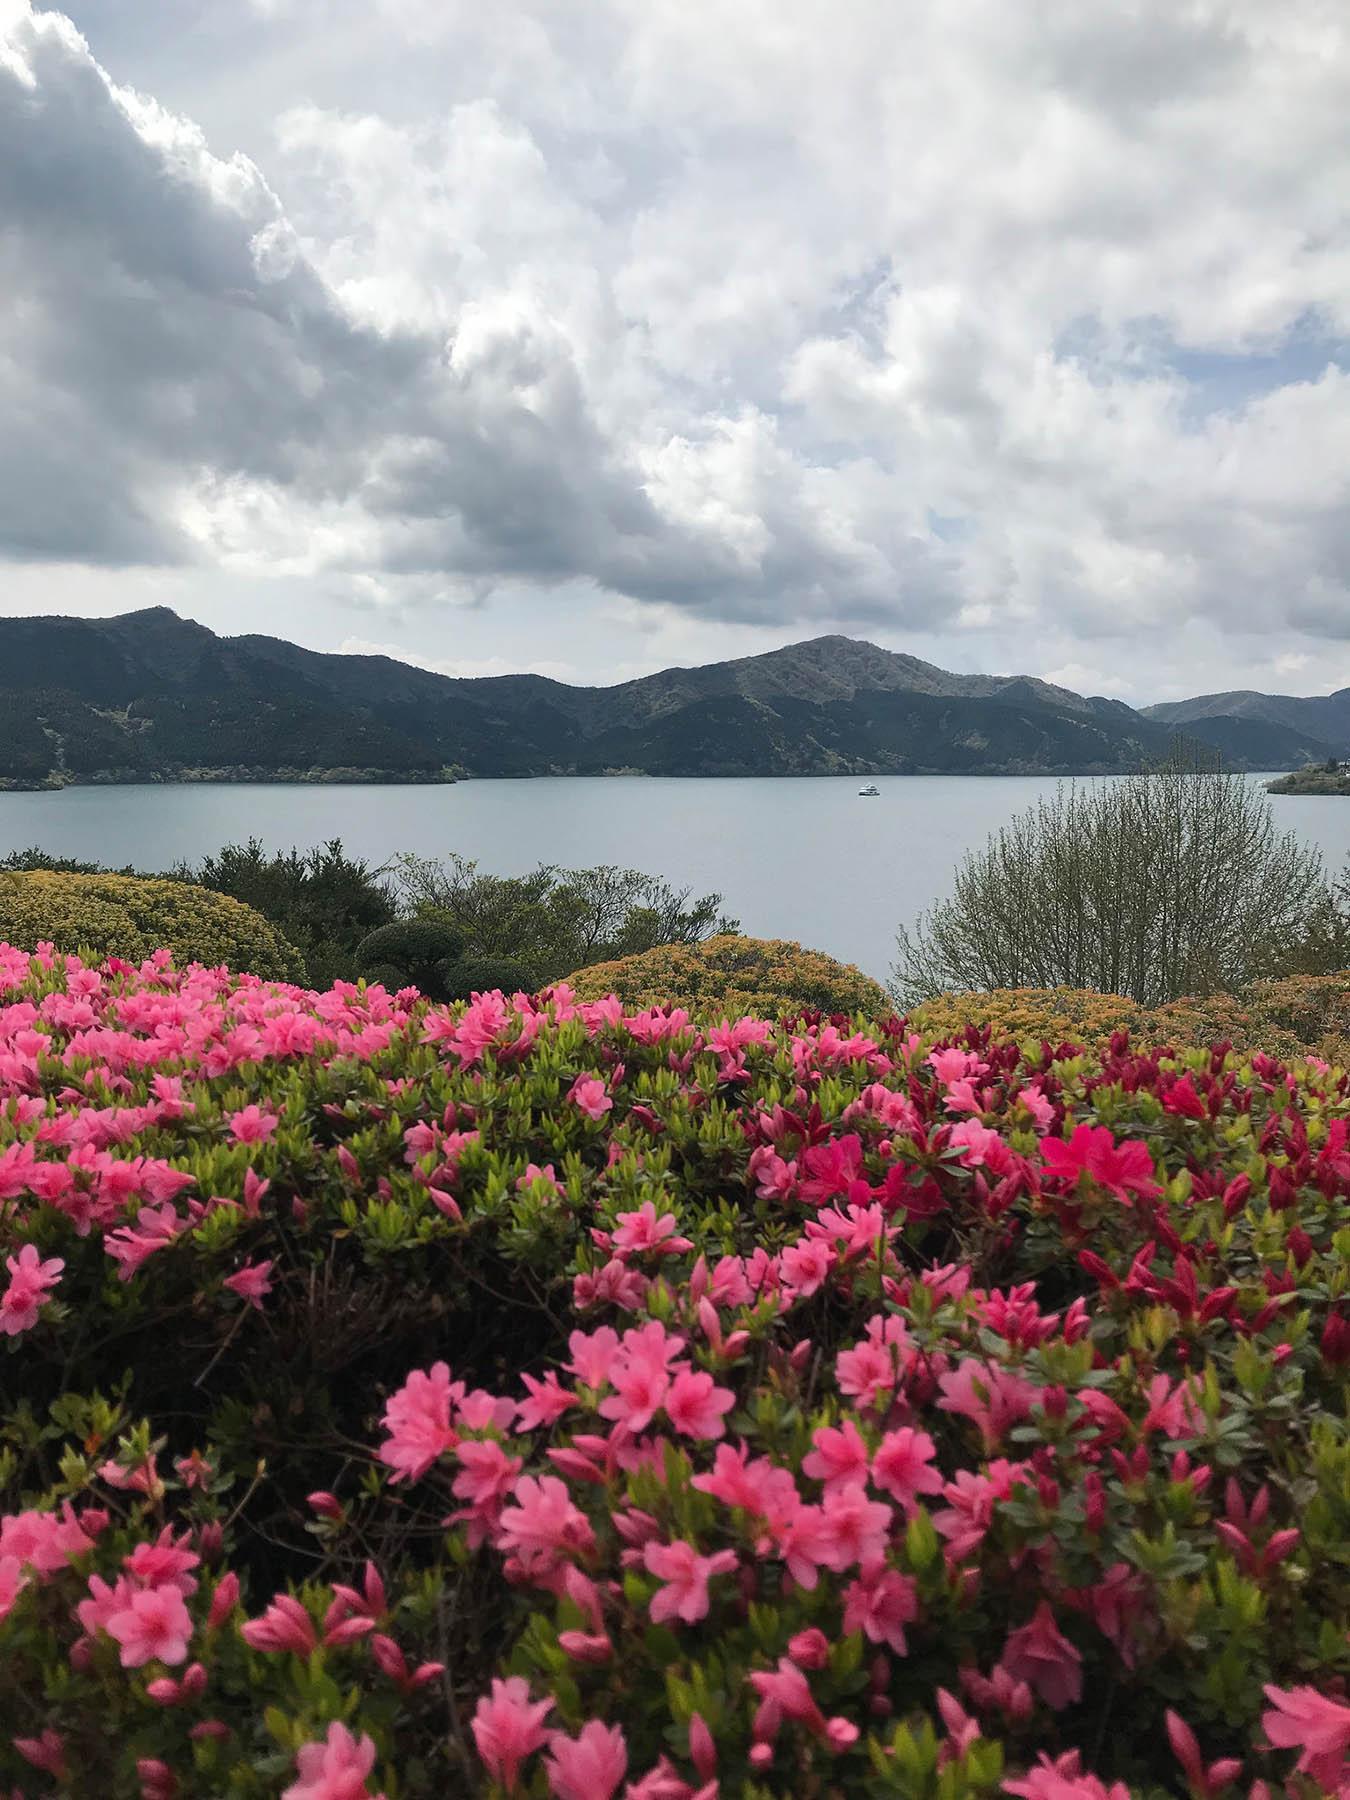 Весной и летом в Японии постоянно что-то цветет и помимо сакуры. Это озеро Аши на горном курорте Хаконе